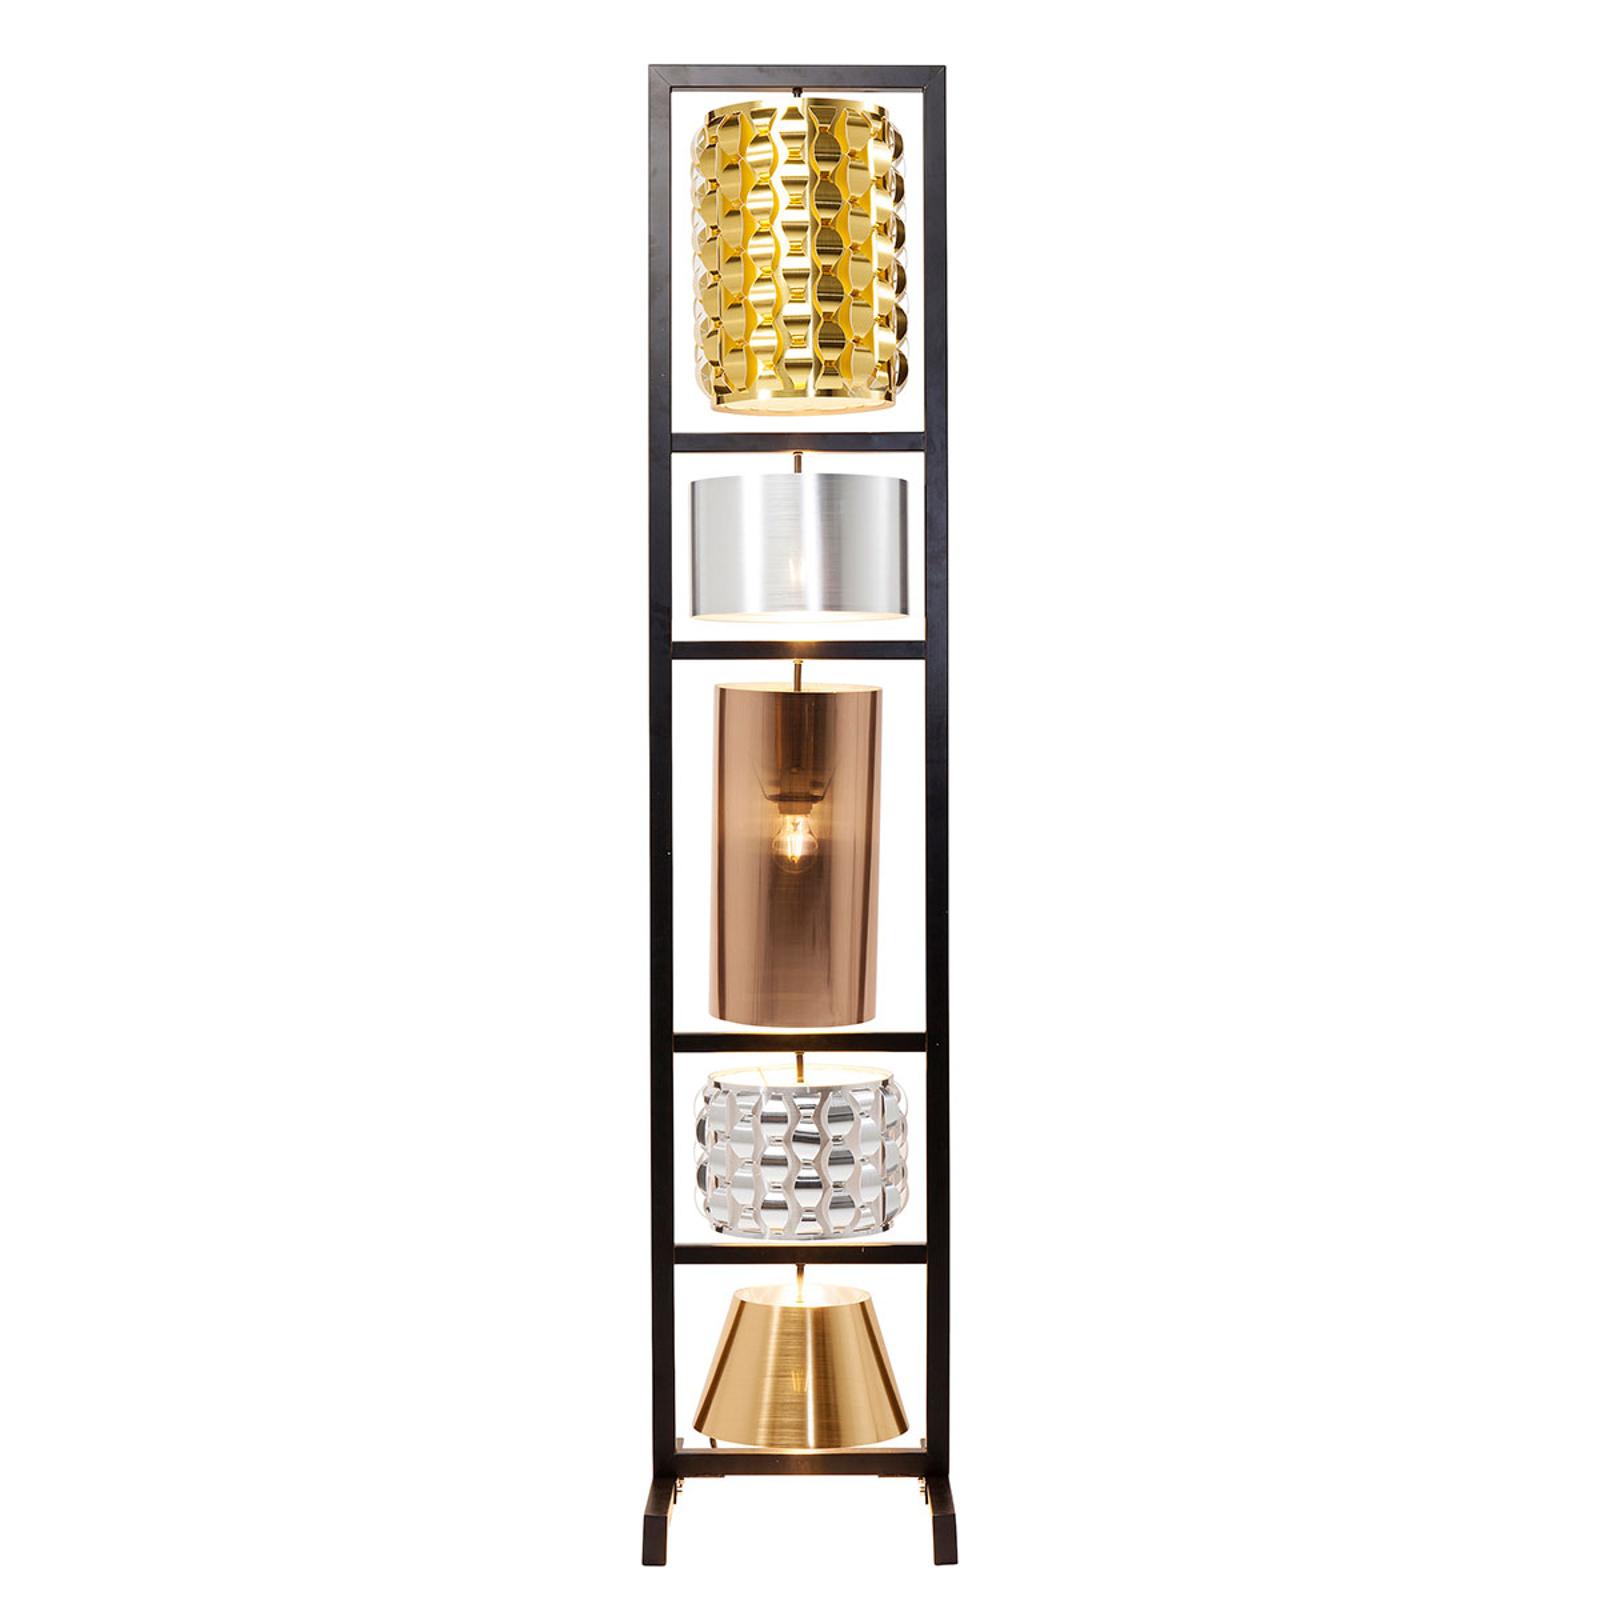 KARE Parecchi Glamor gulvlampe med 5 lyskilder